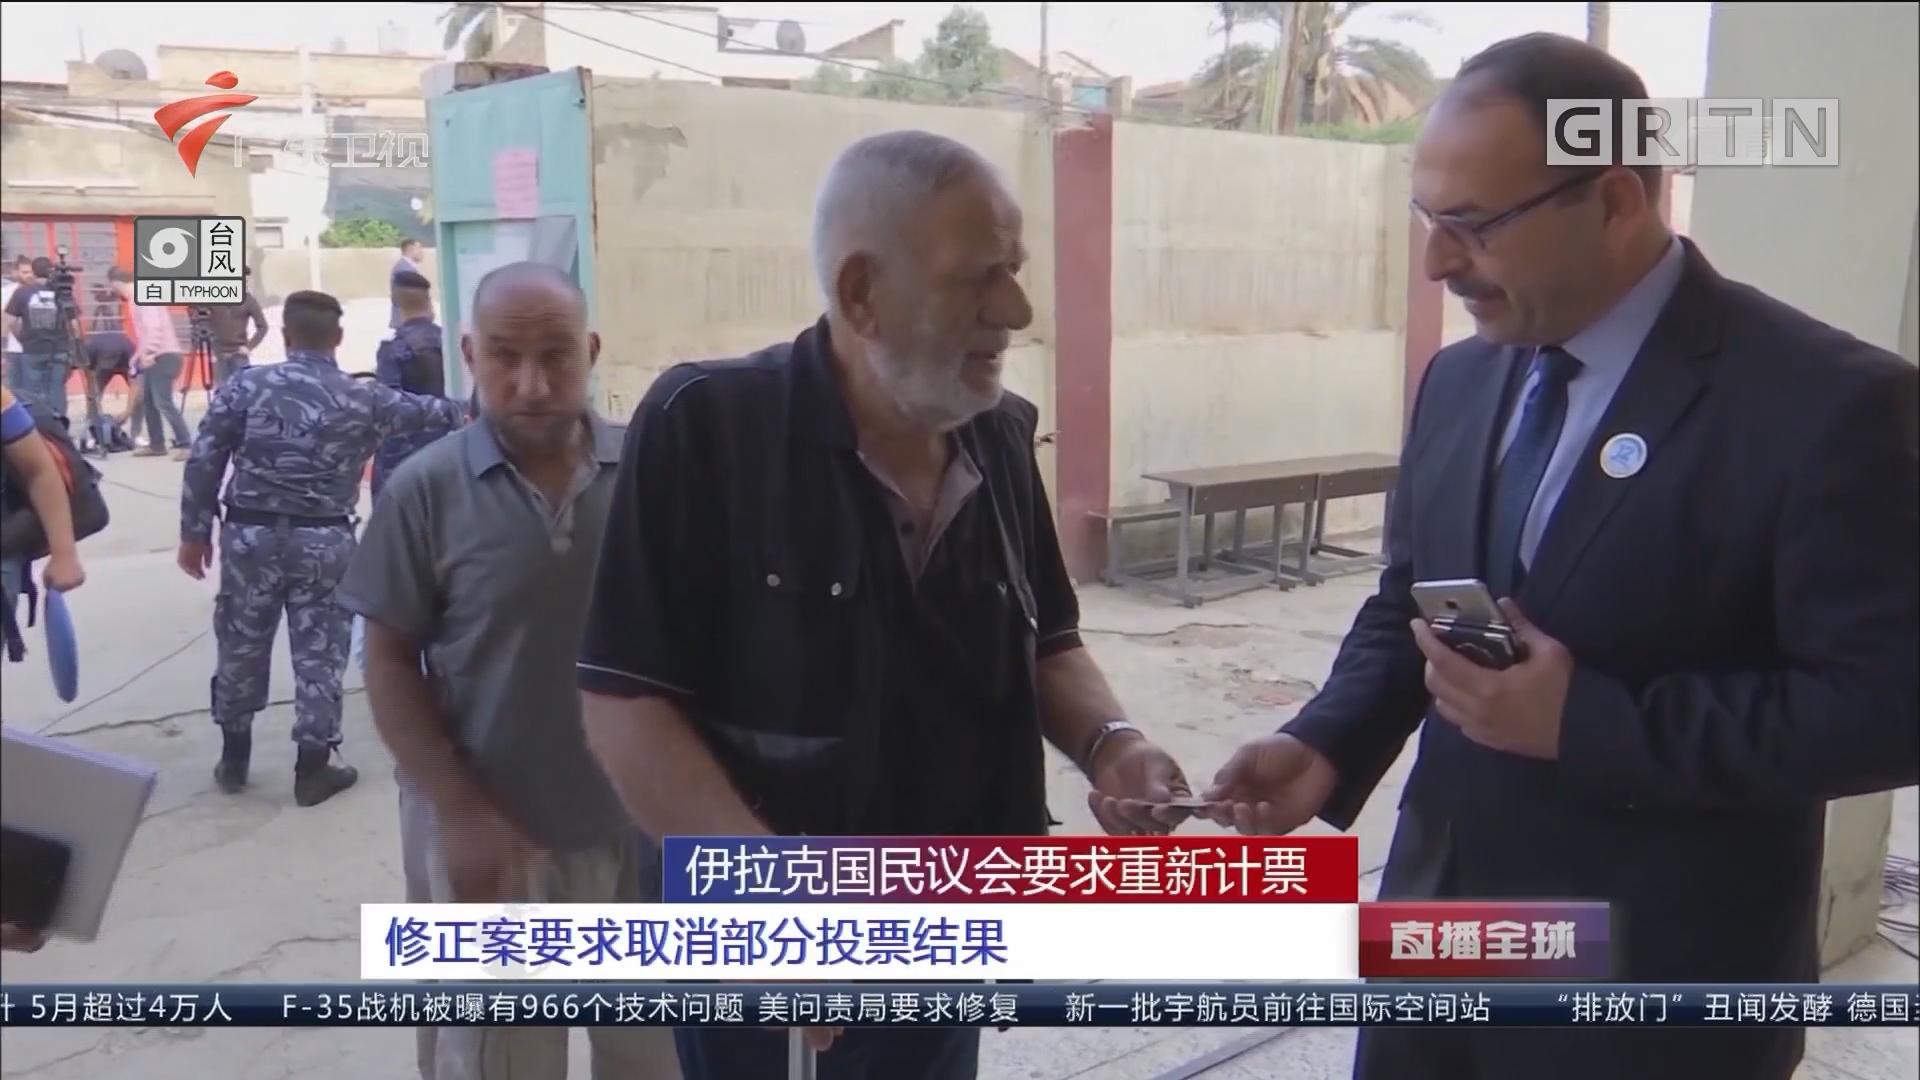 伊拉克国民议会要求重新计票:修正案要求取消部分投票结果